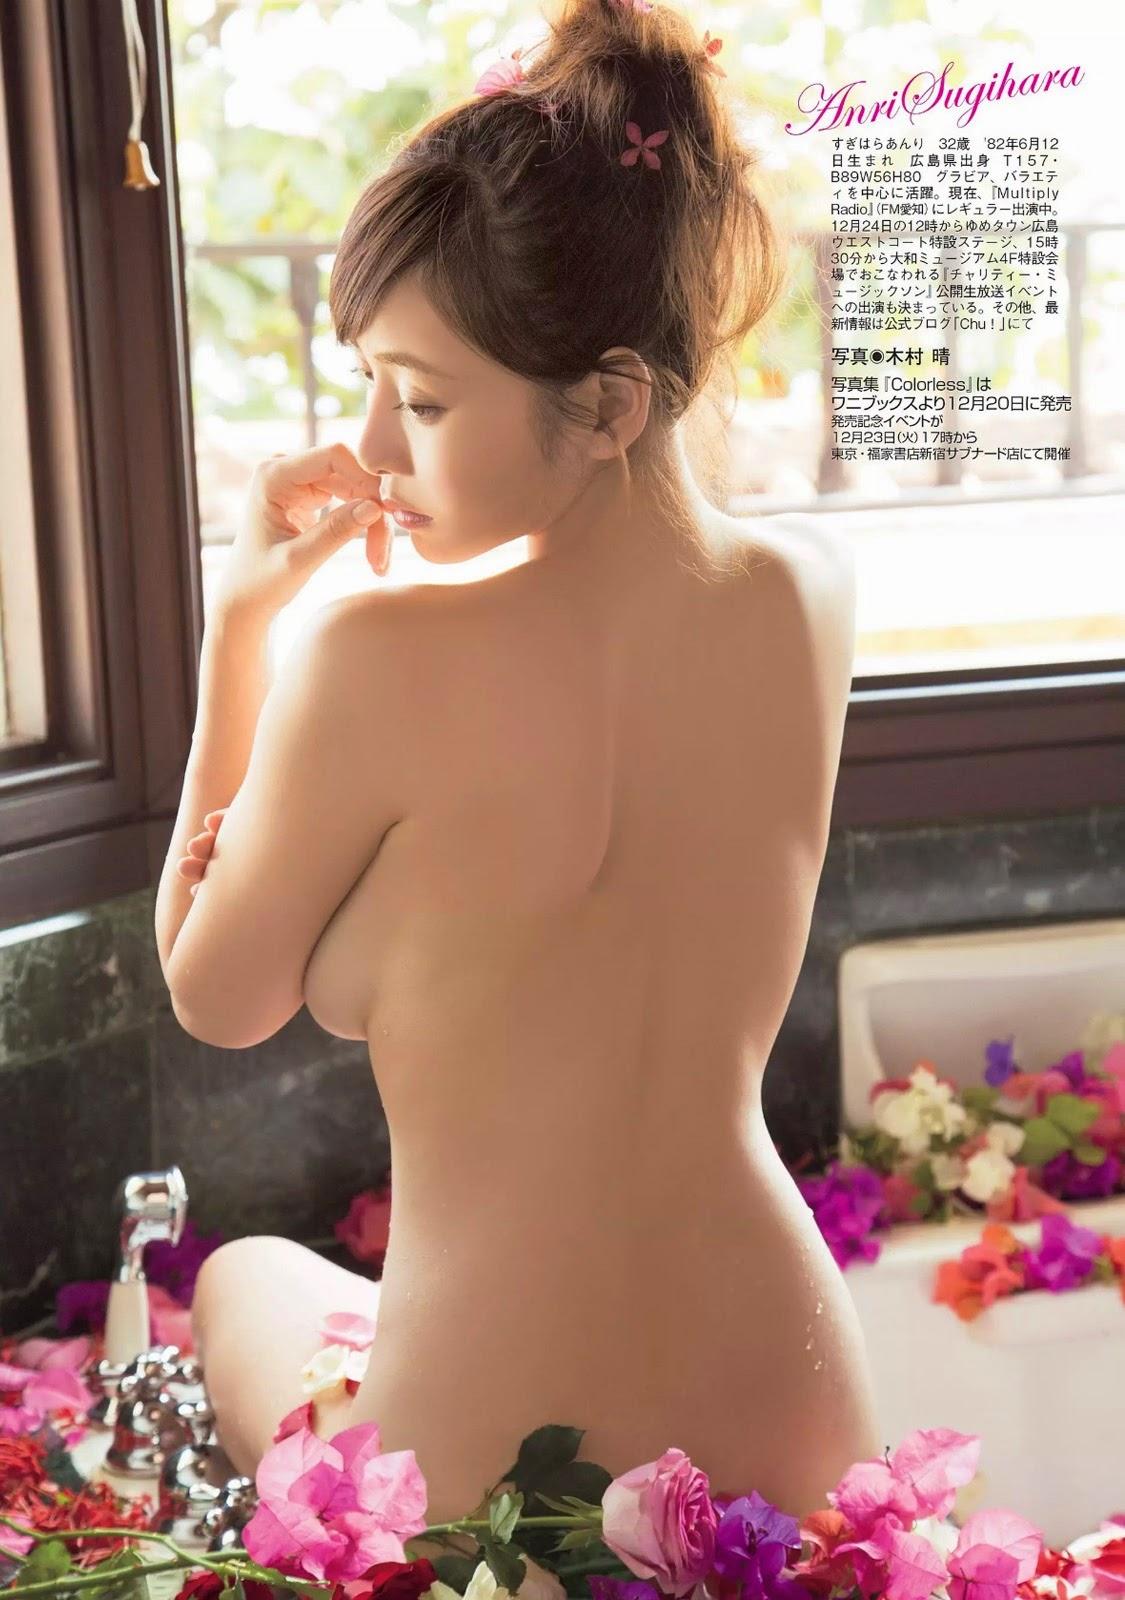 Sugihara naked anri Photoshoot Hot!: